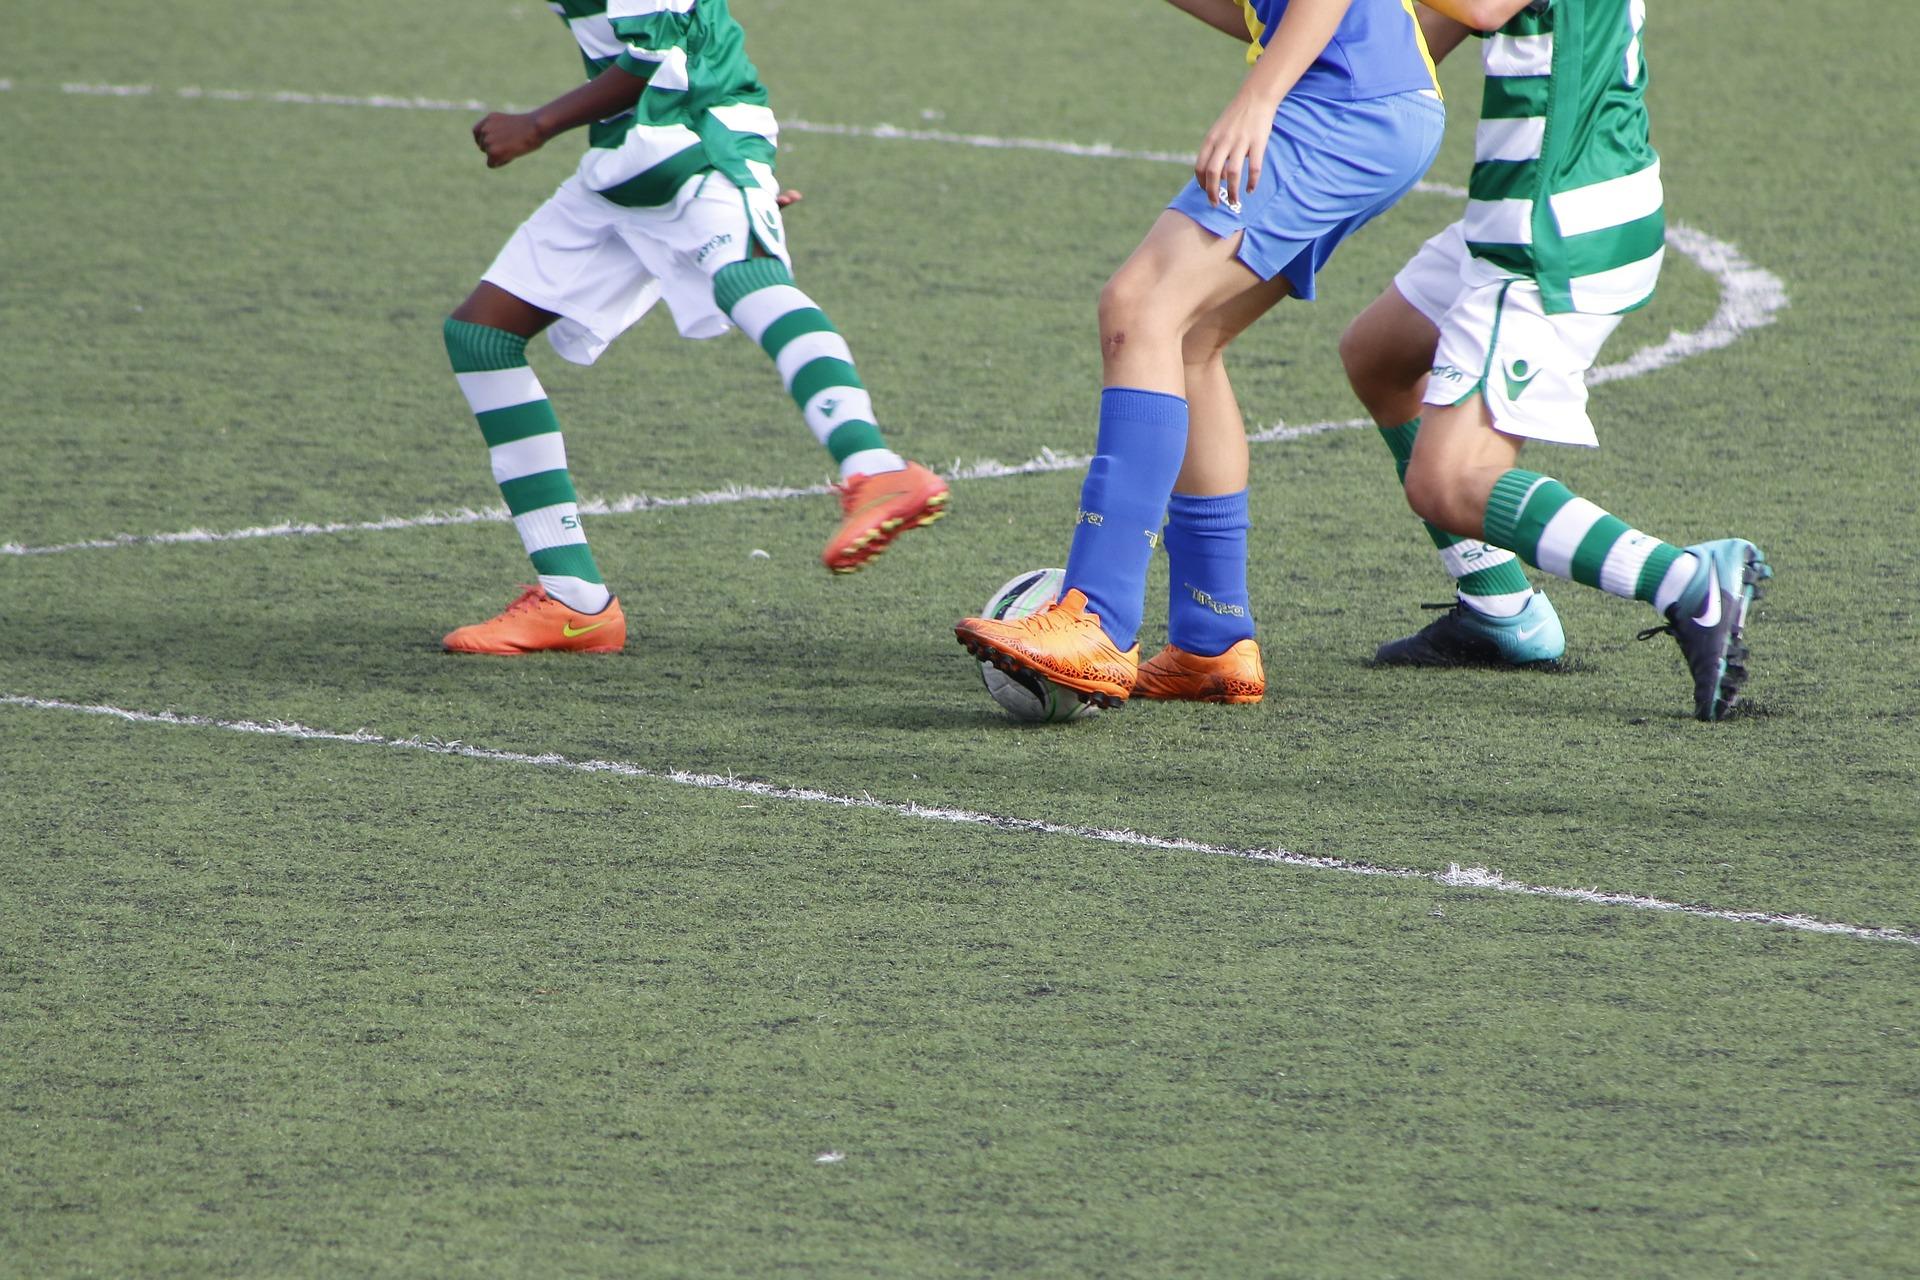 Gestión deportiva Toledo